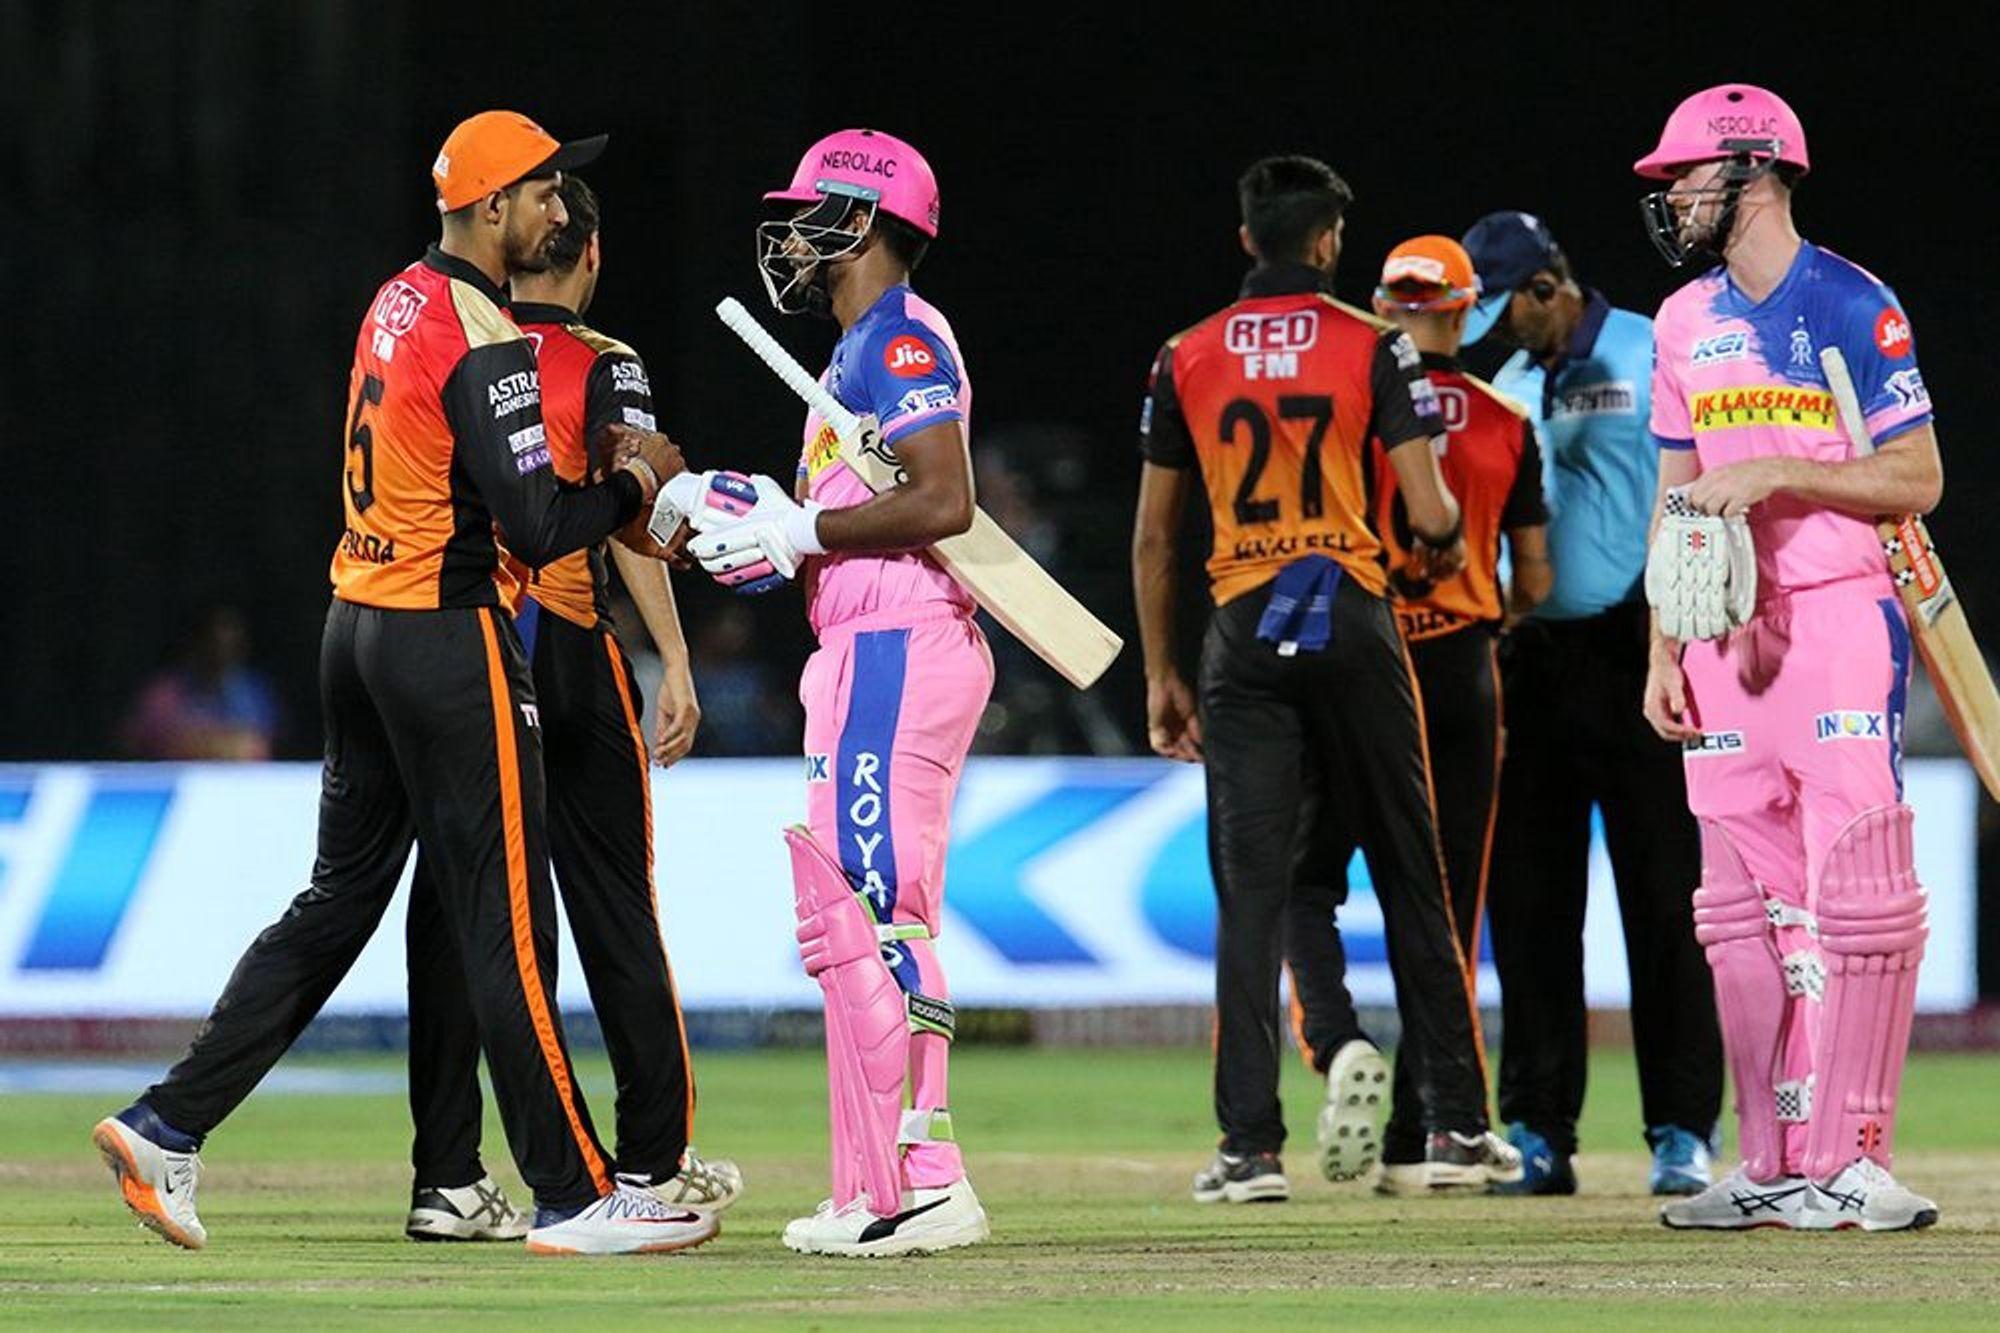 राजस्थान रॉयल्स के खिलाफ सनराइजर्स हैदराबाद की हार के ये रहे तीन प्रमुख कारण